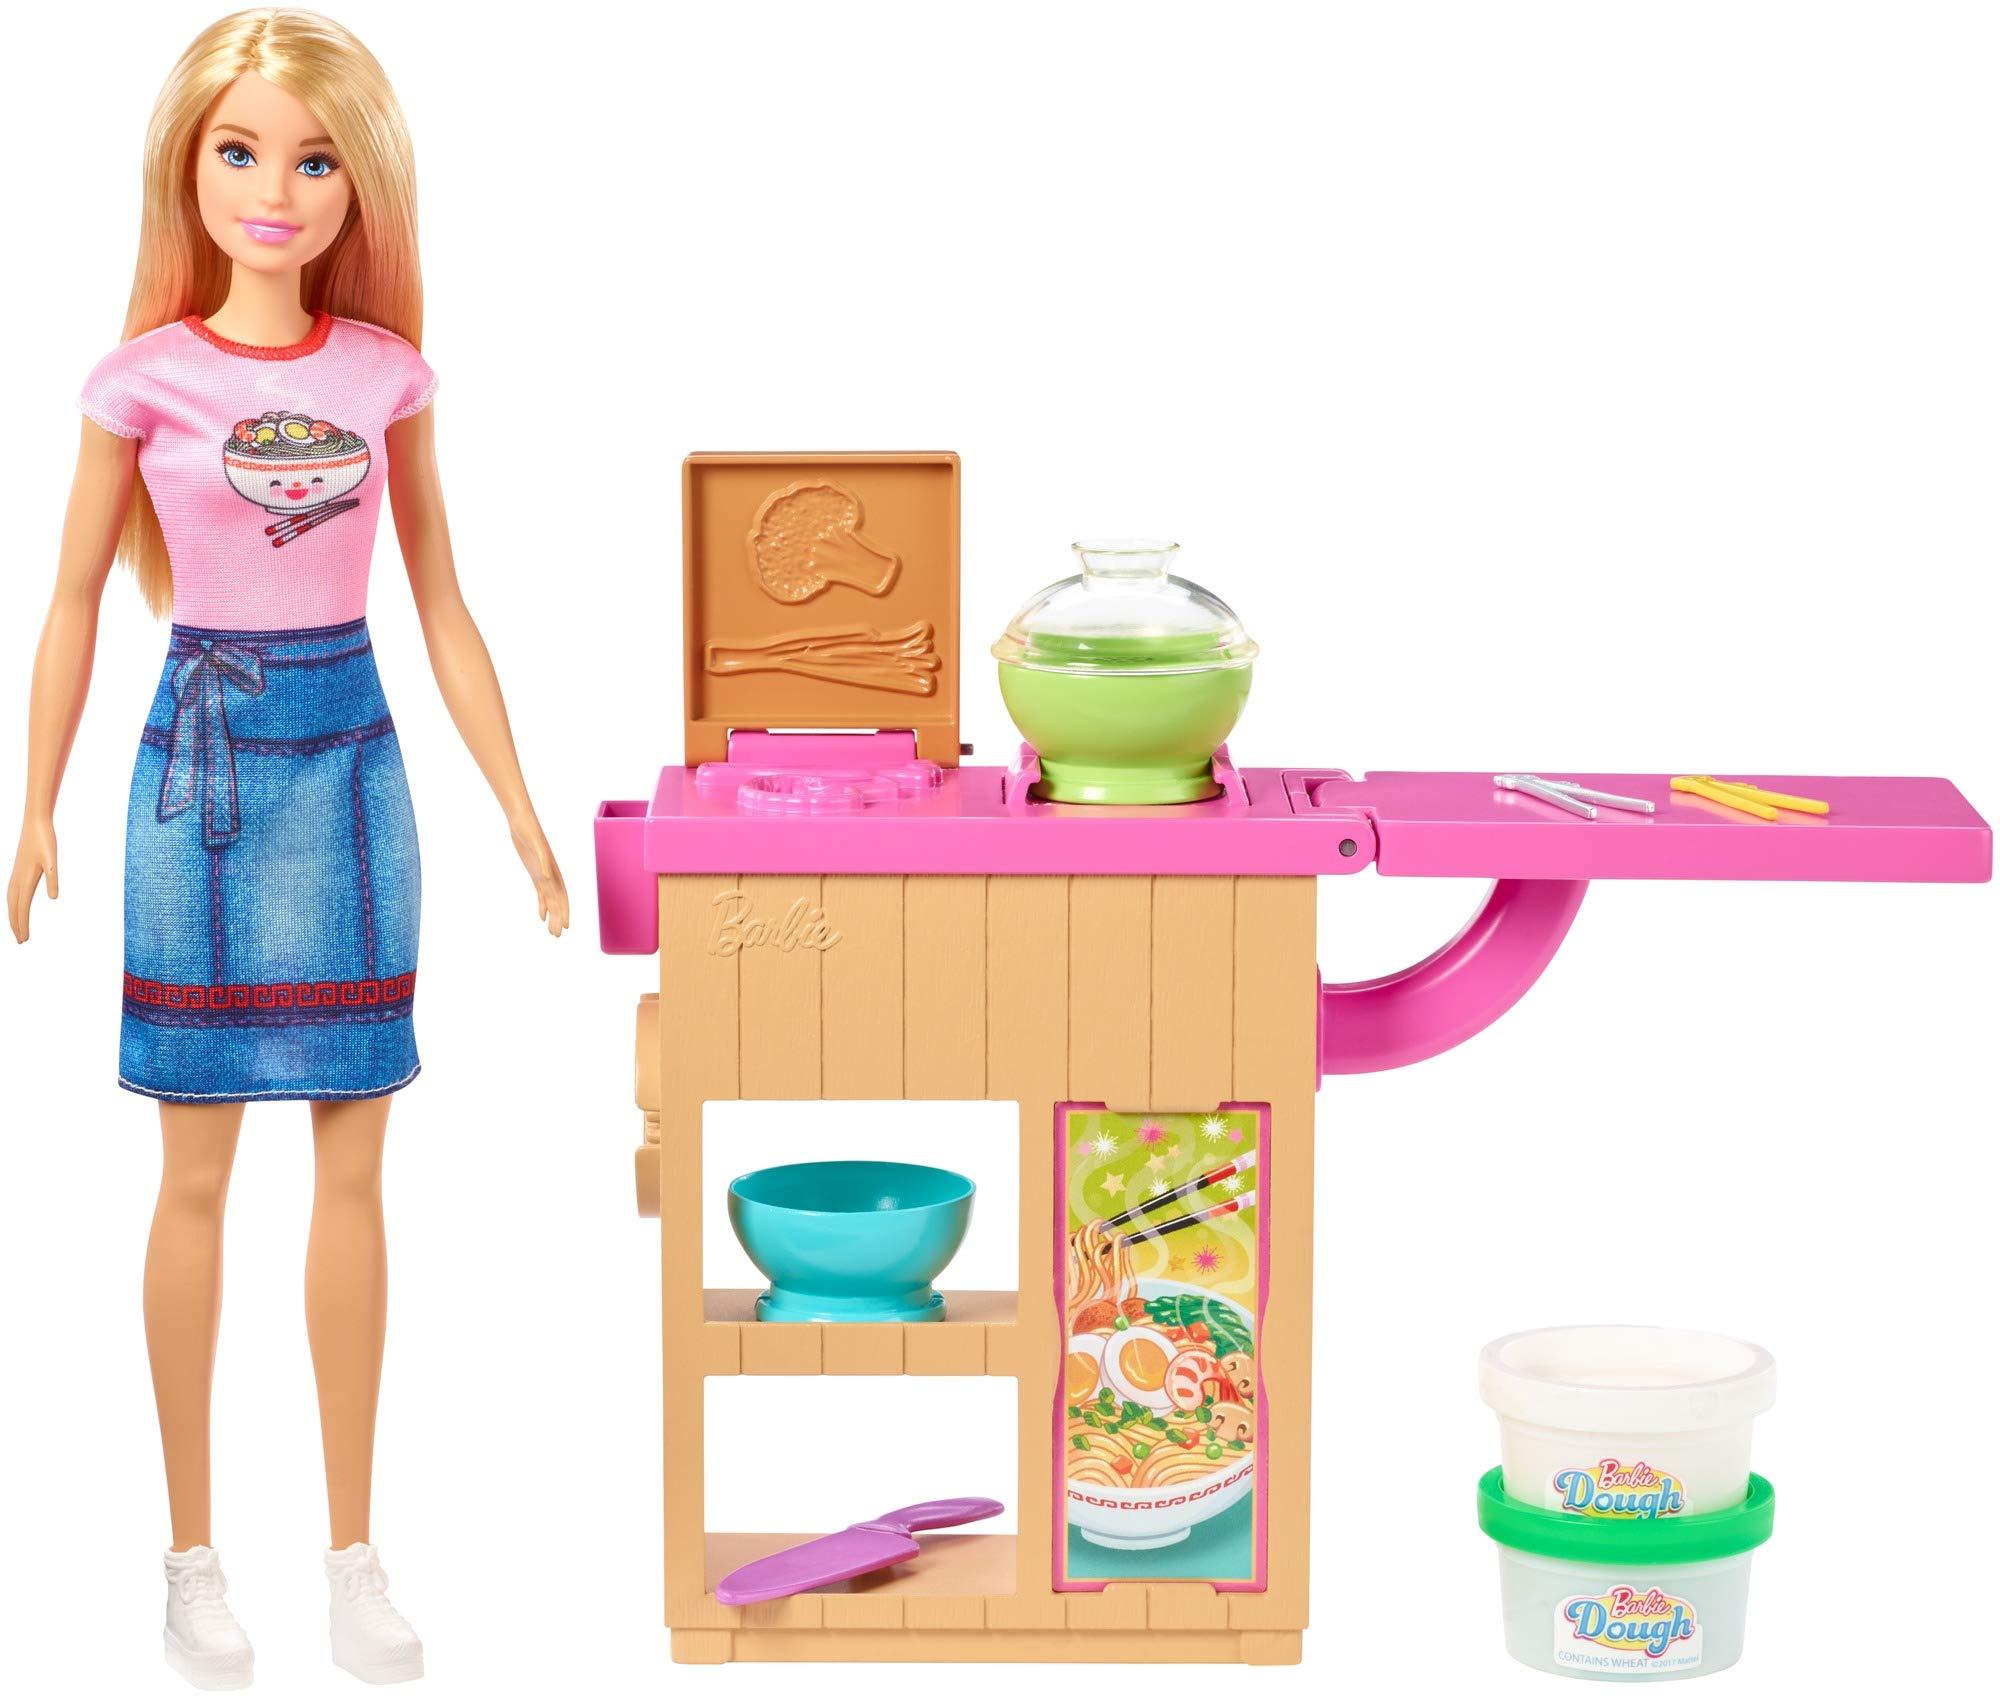 Amazon.es: Barbie Restaurante japonés de juguete Noodle Bar, muñeca rubia, mesa de trabajo y accesorios (Mattel GHK43): Juguetes y juegos